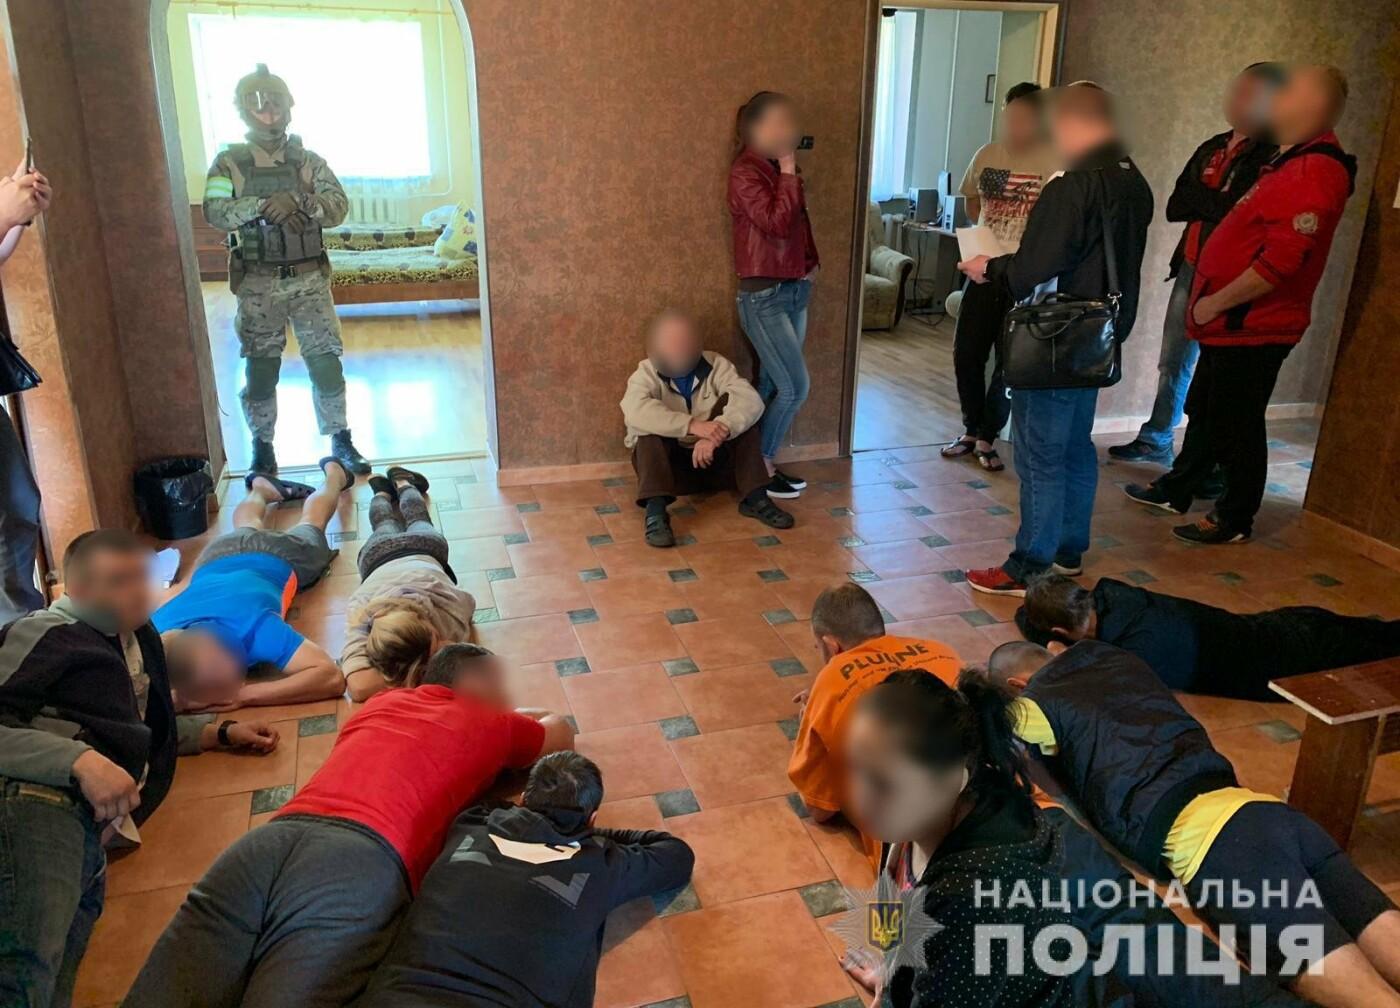 Били и связывали пациентов: на Харьковщине «накрыли» нелегальный центр помощи наркоманам, - ФОТО , фото-1